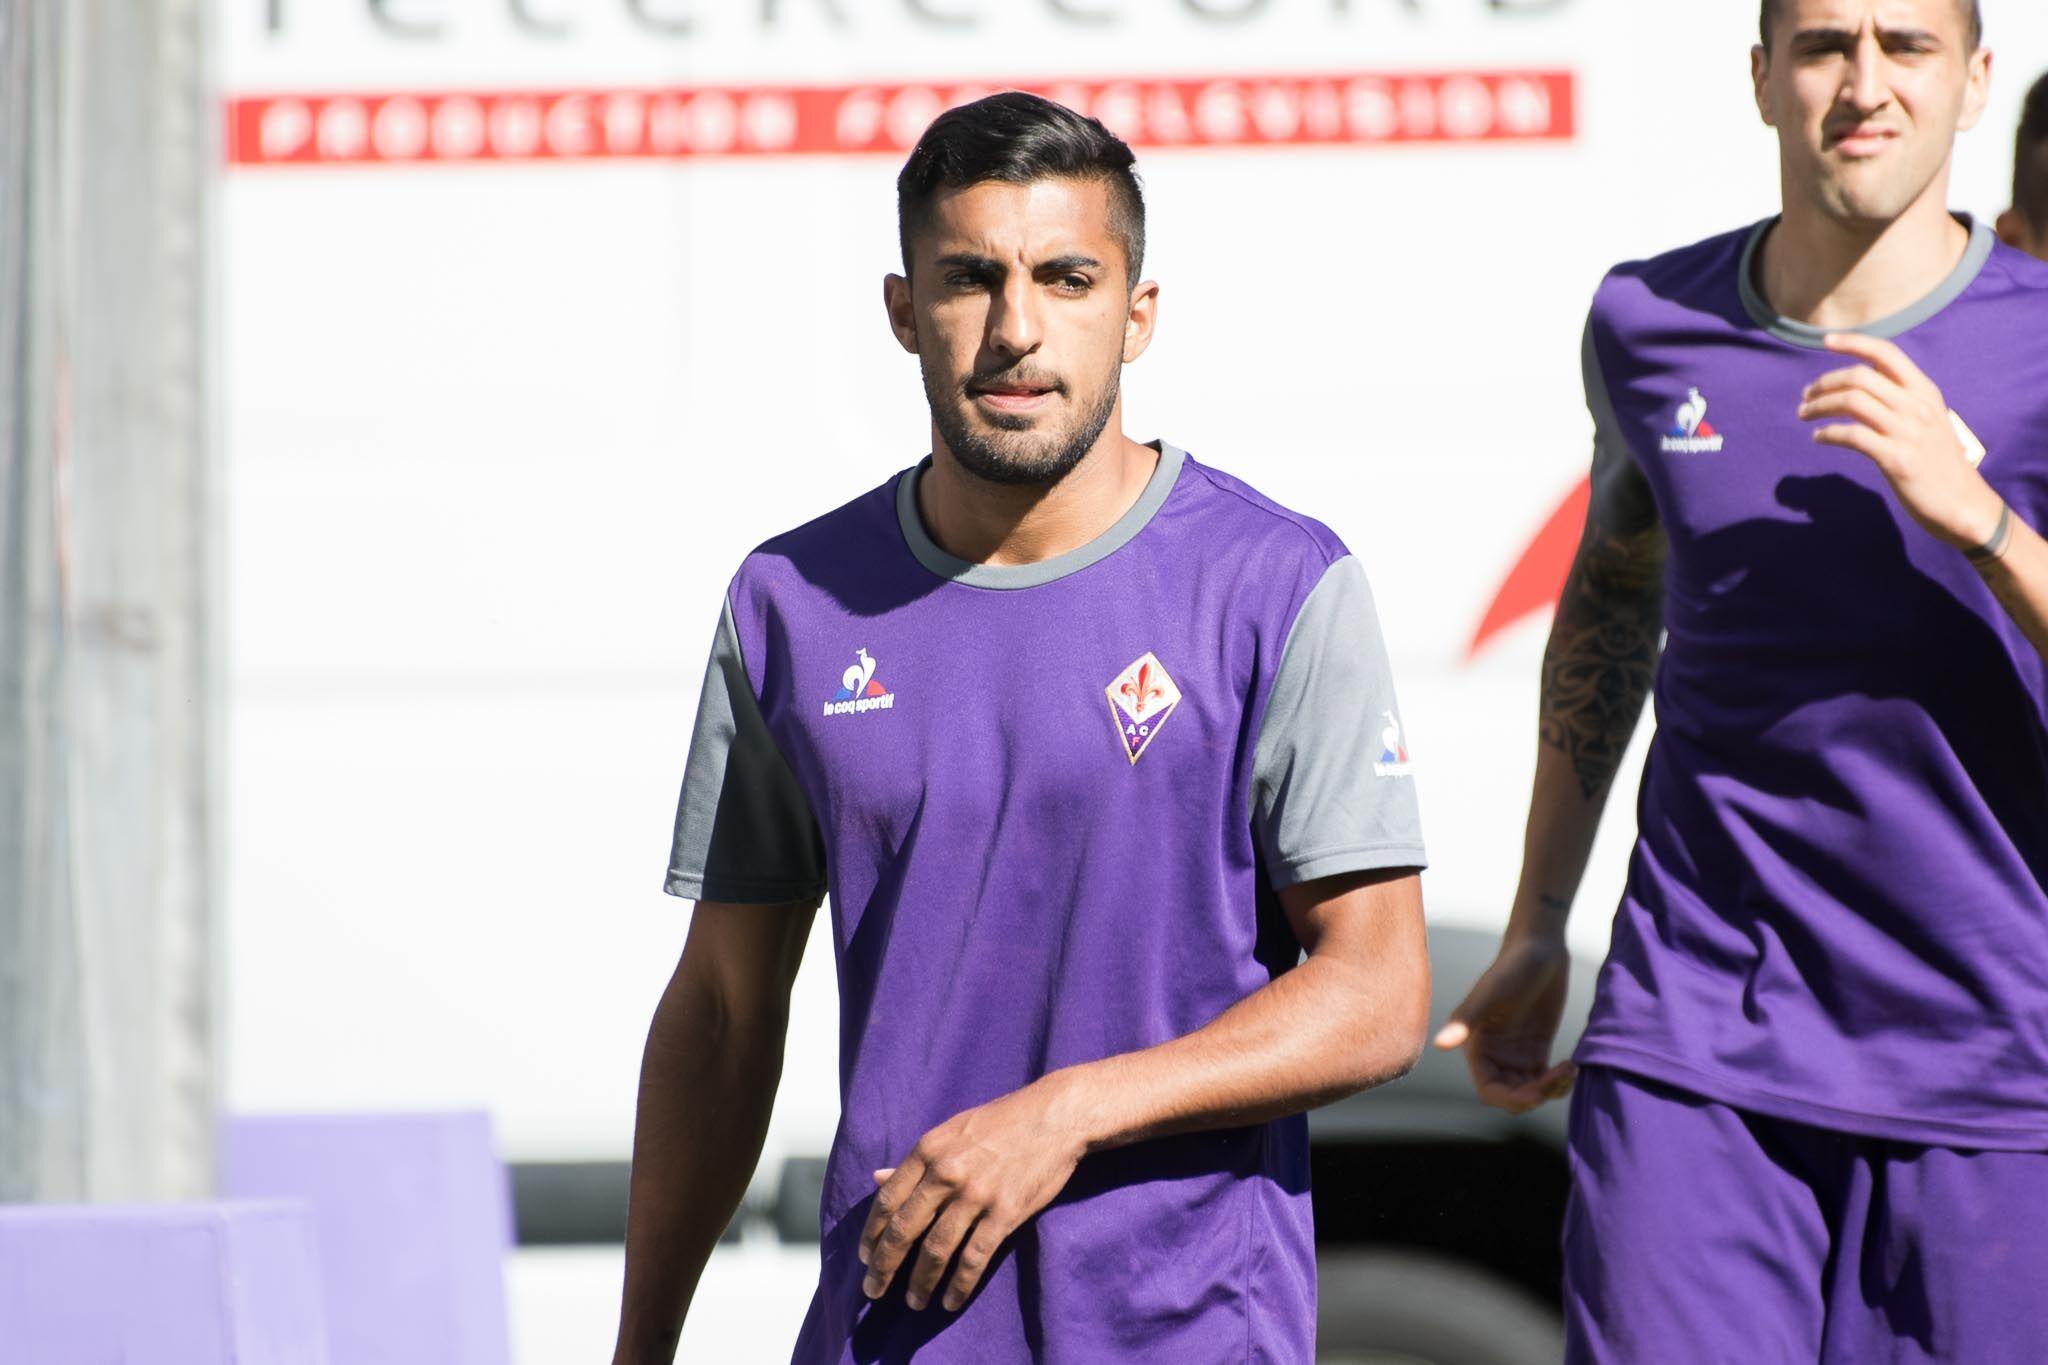 Nazione: l'allenatore del Cagliari Lopez ha chiesto ai suoi dirigenti Maxi Olivera. L'operazione…